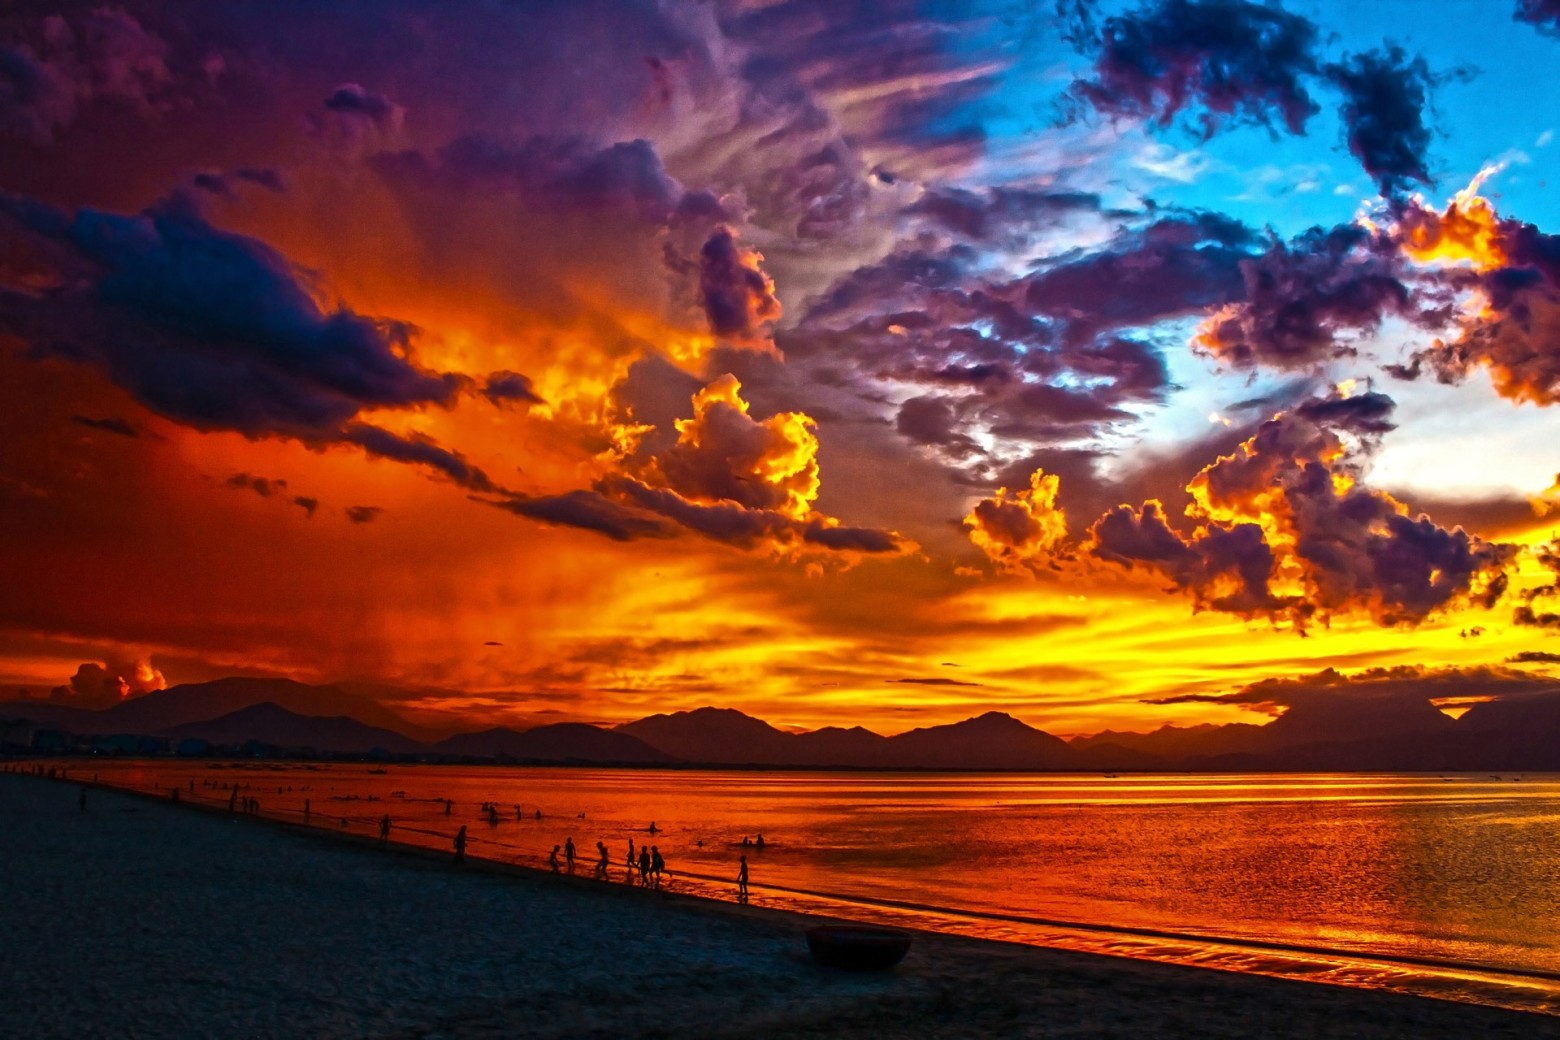 Les plus beau coucher de soleil fond d cran images - Fond ecran coucher de soleil sur la mer ...